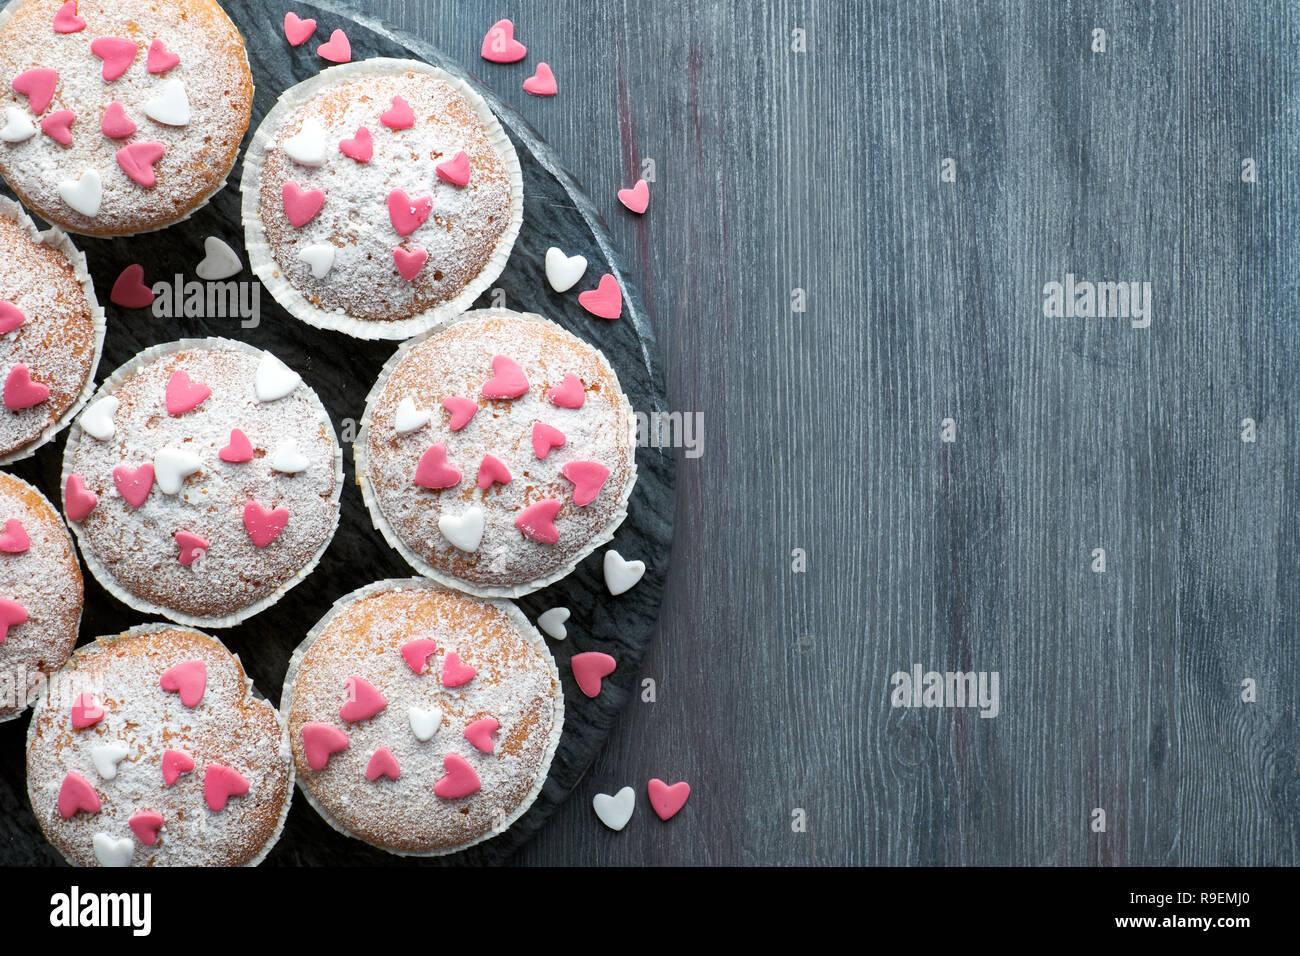 Mit Zucker Bestreut Muffins Mit Rosa Und Weissen Fondant Zuckerglasur